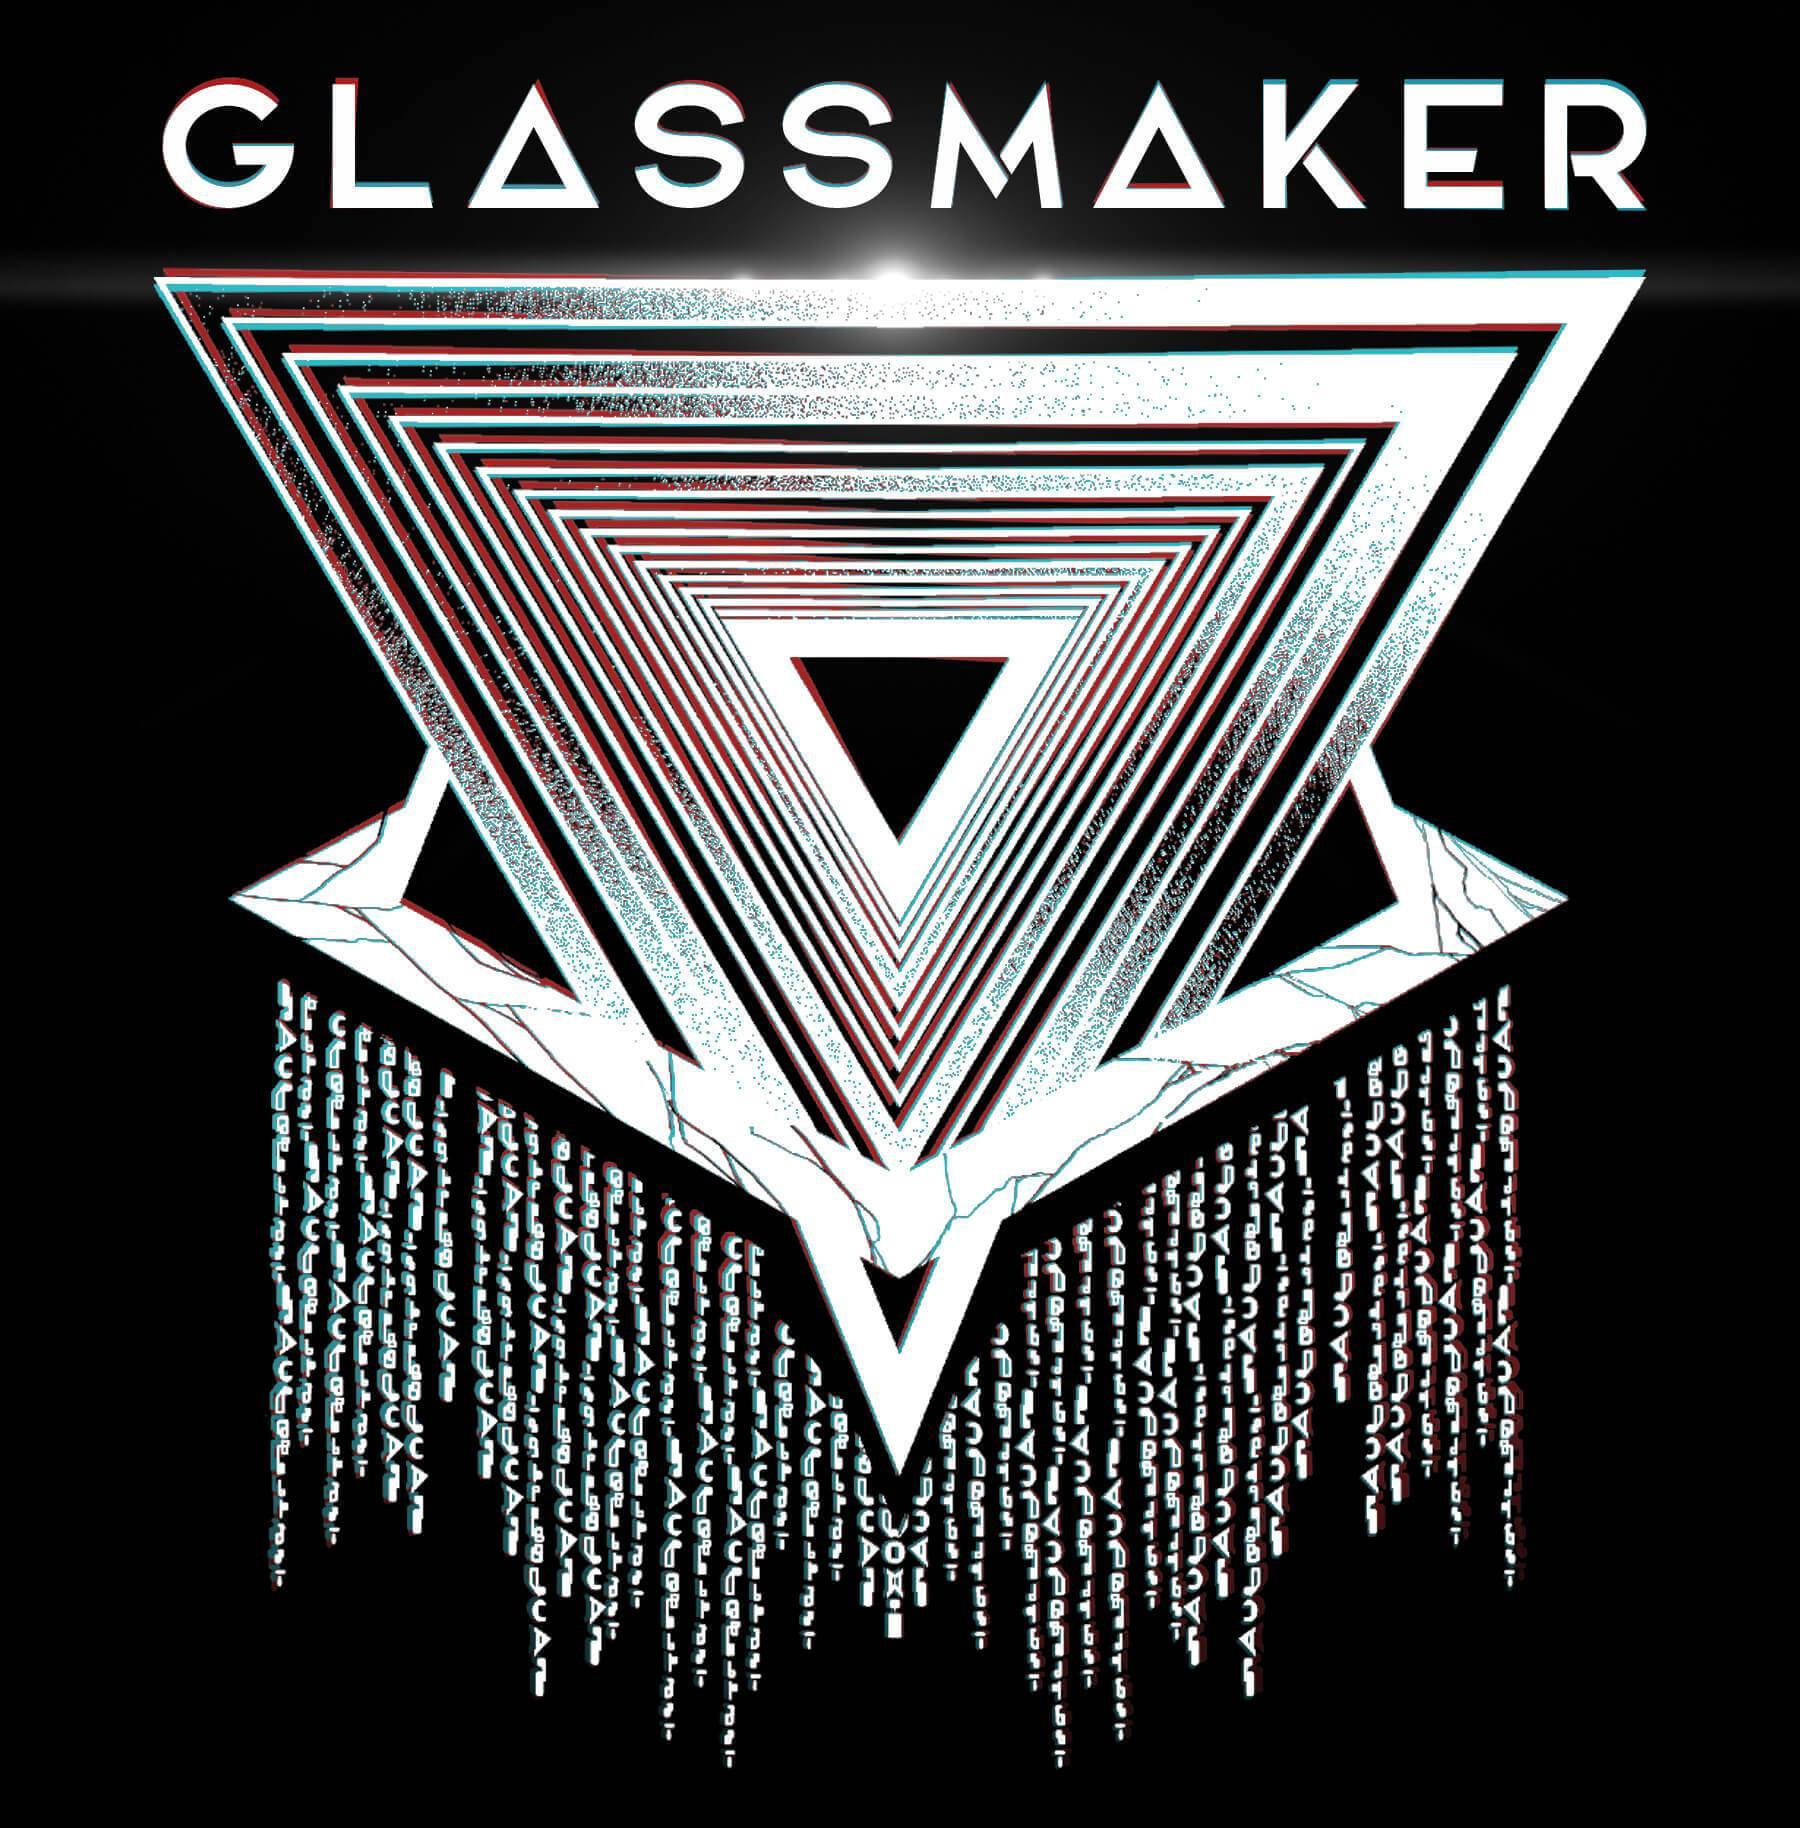 Glassmaker